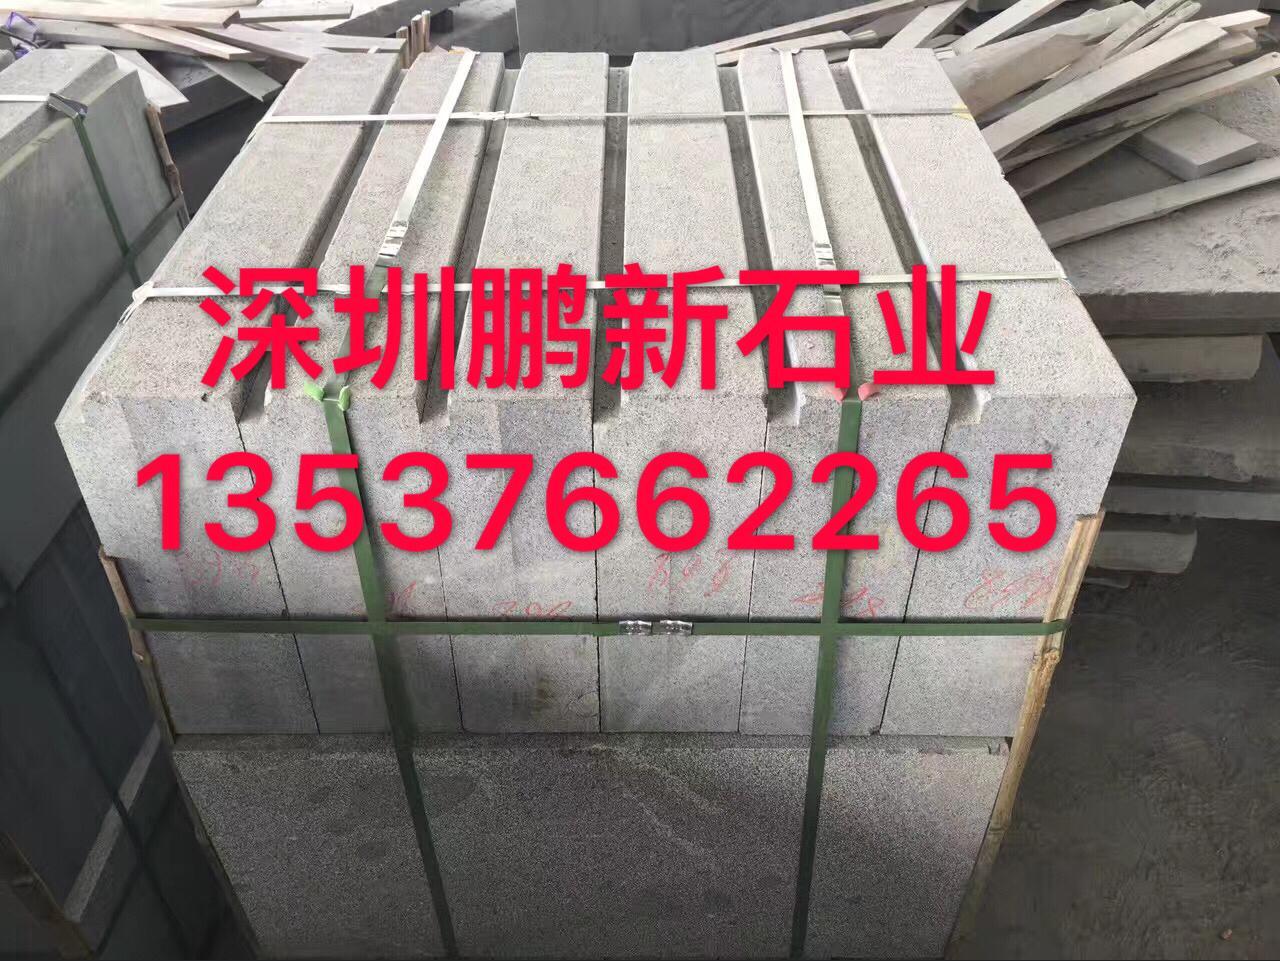 石材批发厂家 石材加工厂 深圳做石材的厂家 3